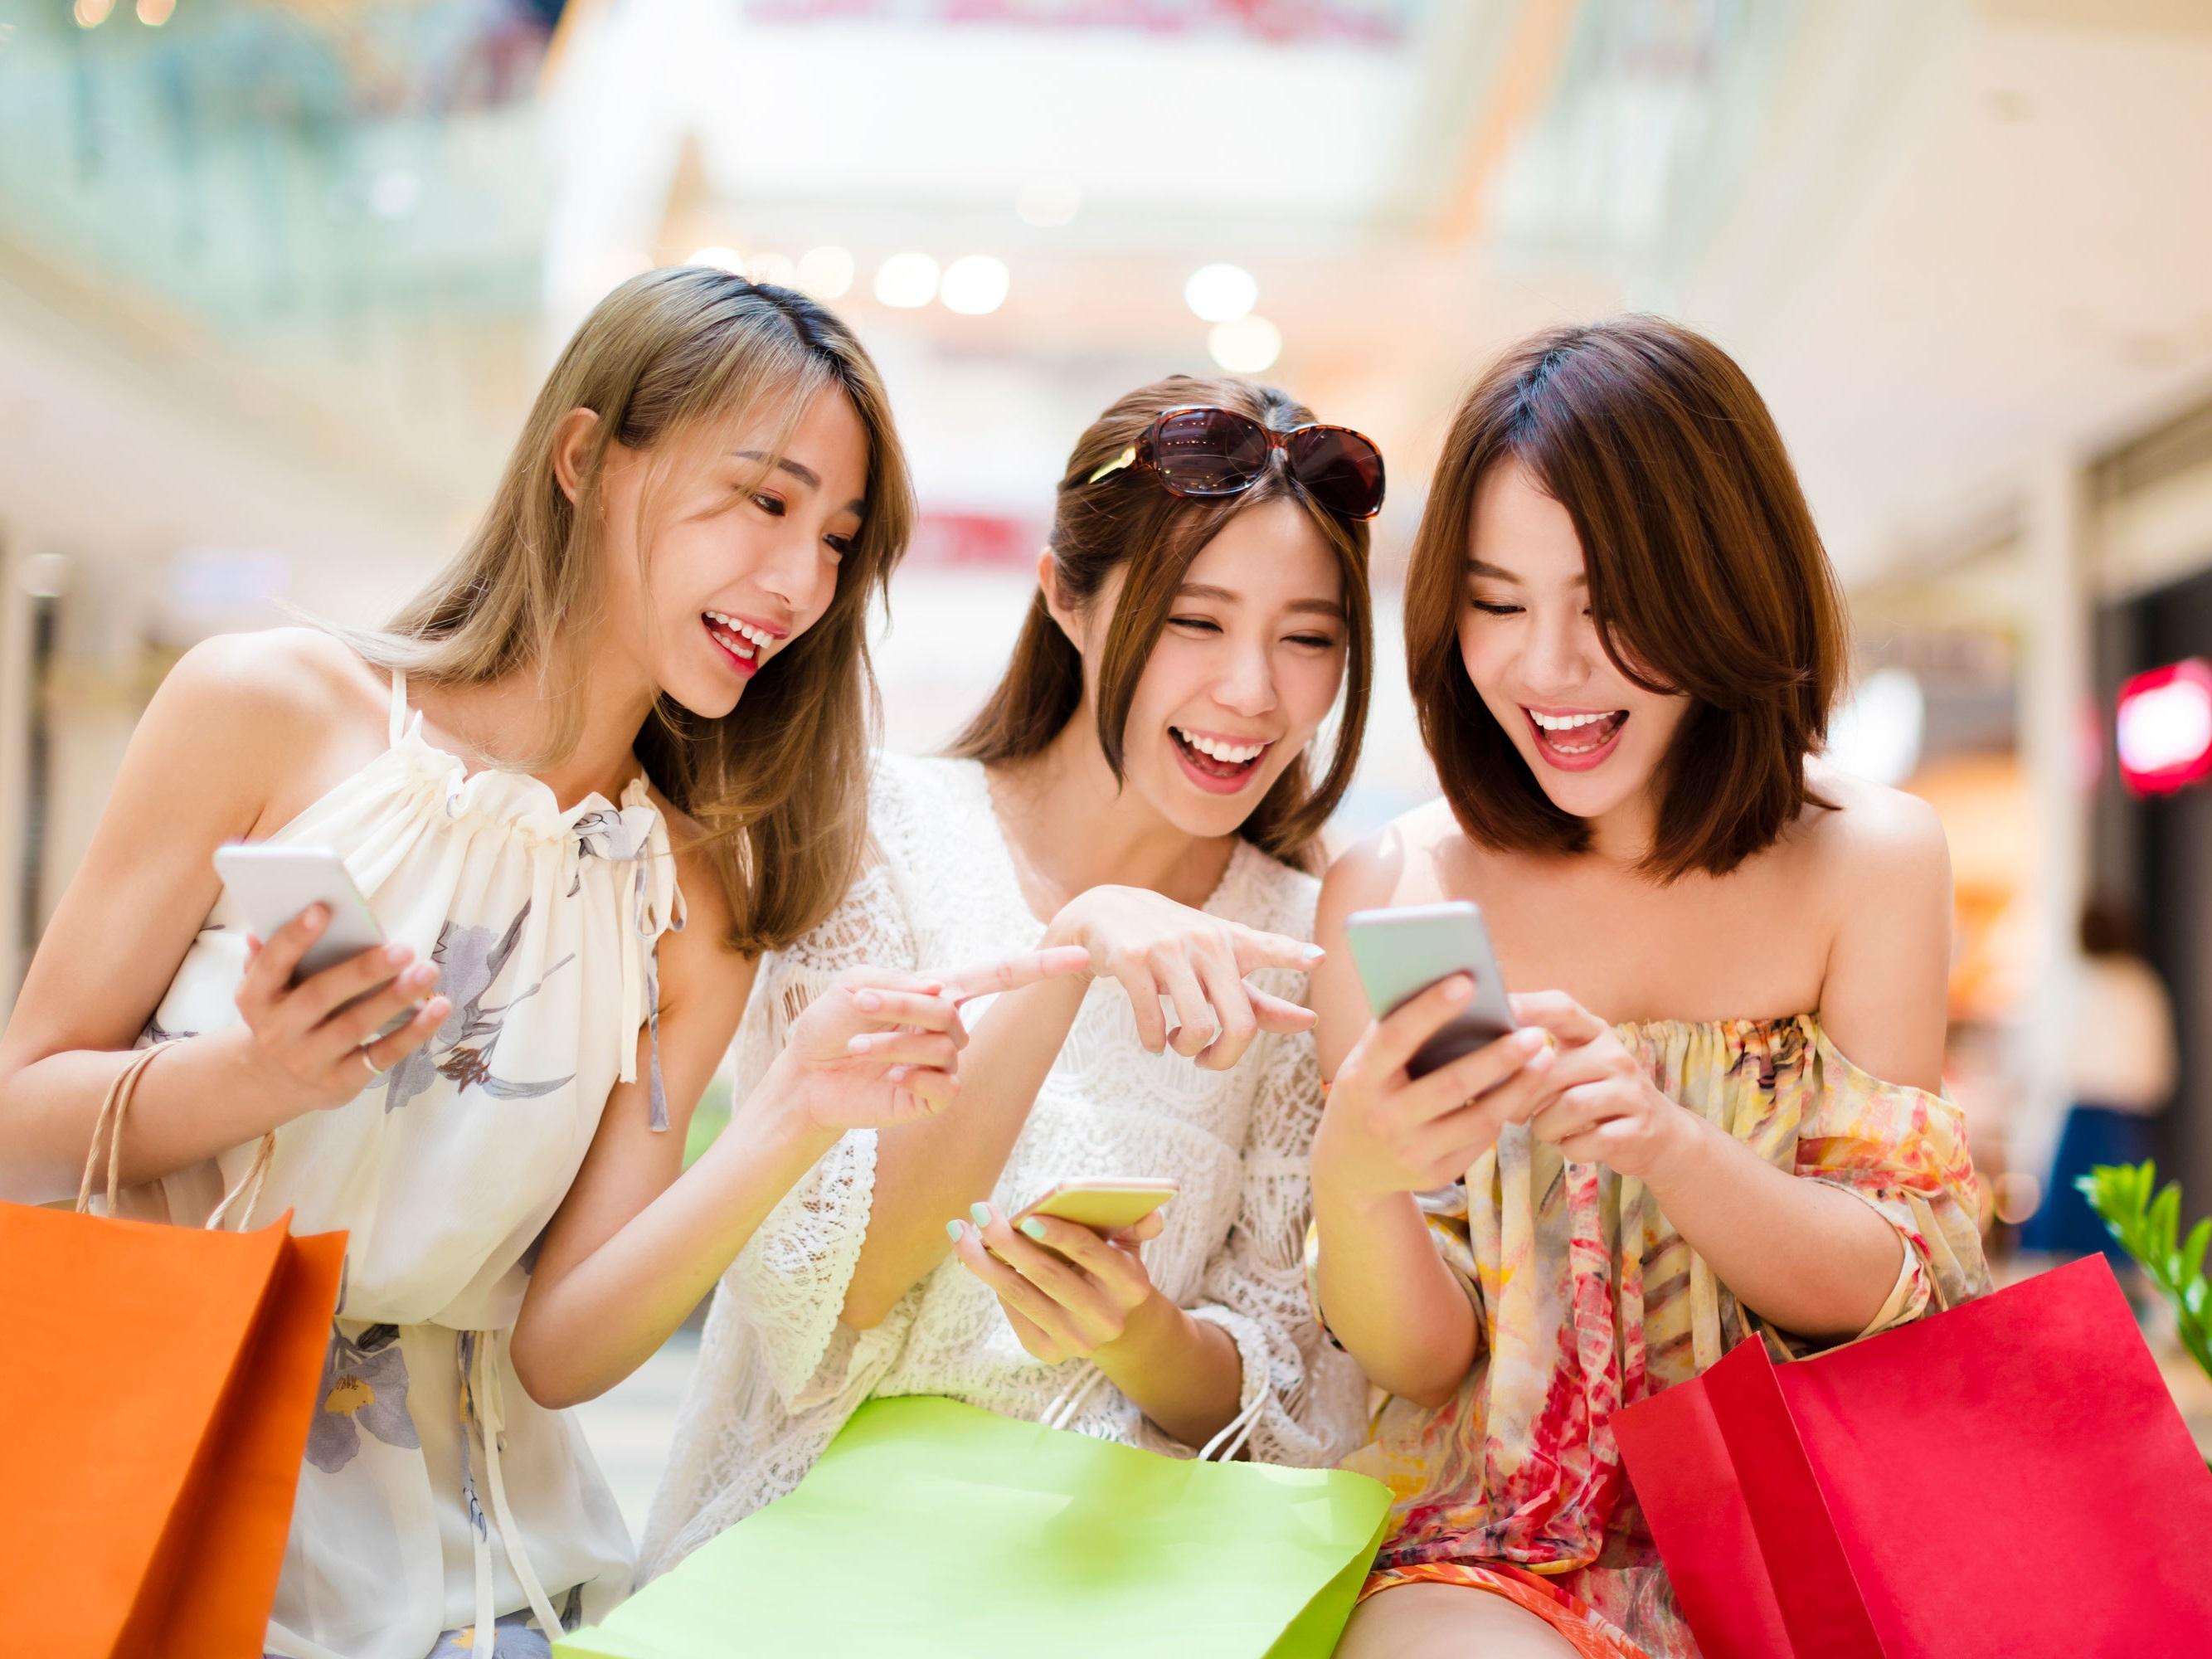 日本人女性の美容に費やす料金は、欧米人に比べて大きいことがわかっています。